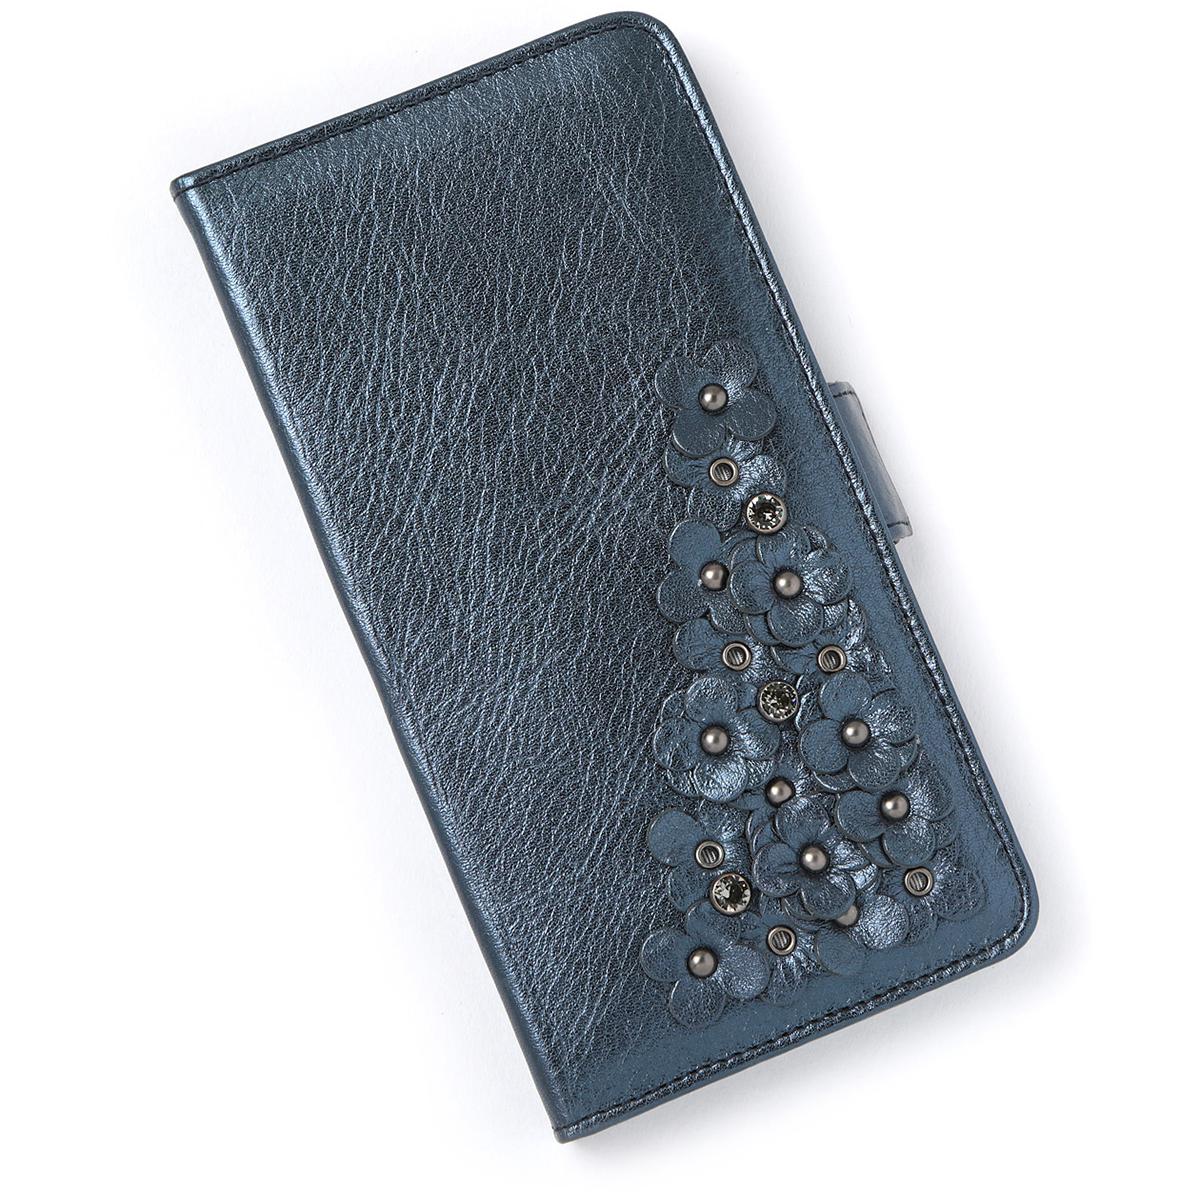 【ANTEPRIMA公式】アンテプリマ/マッツェット小物/iPhone XS Max対応ケース/ネイビー/ANTEPRIMA/EANP10720/iPhone XS Max CASE【対象商品20000円以上購入でチャームプレゼント】